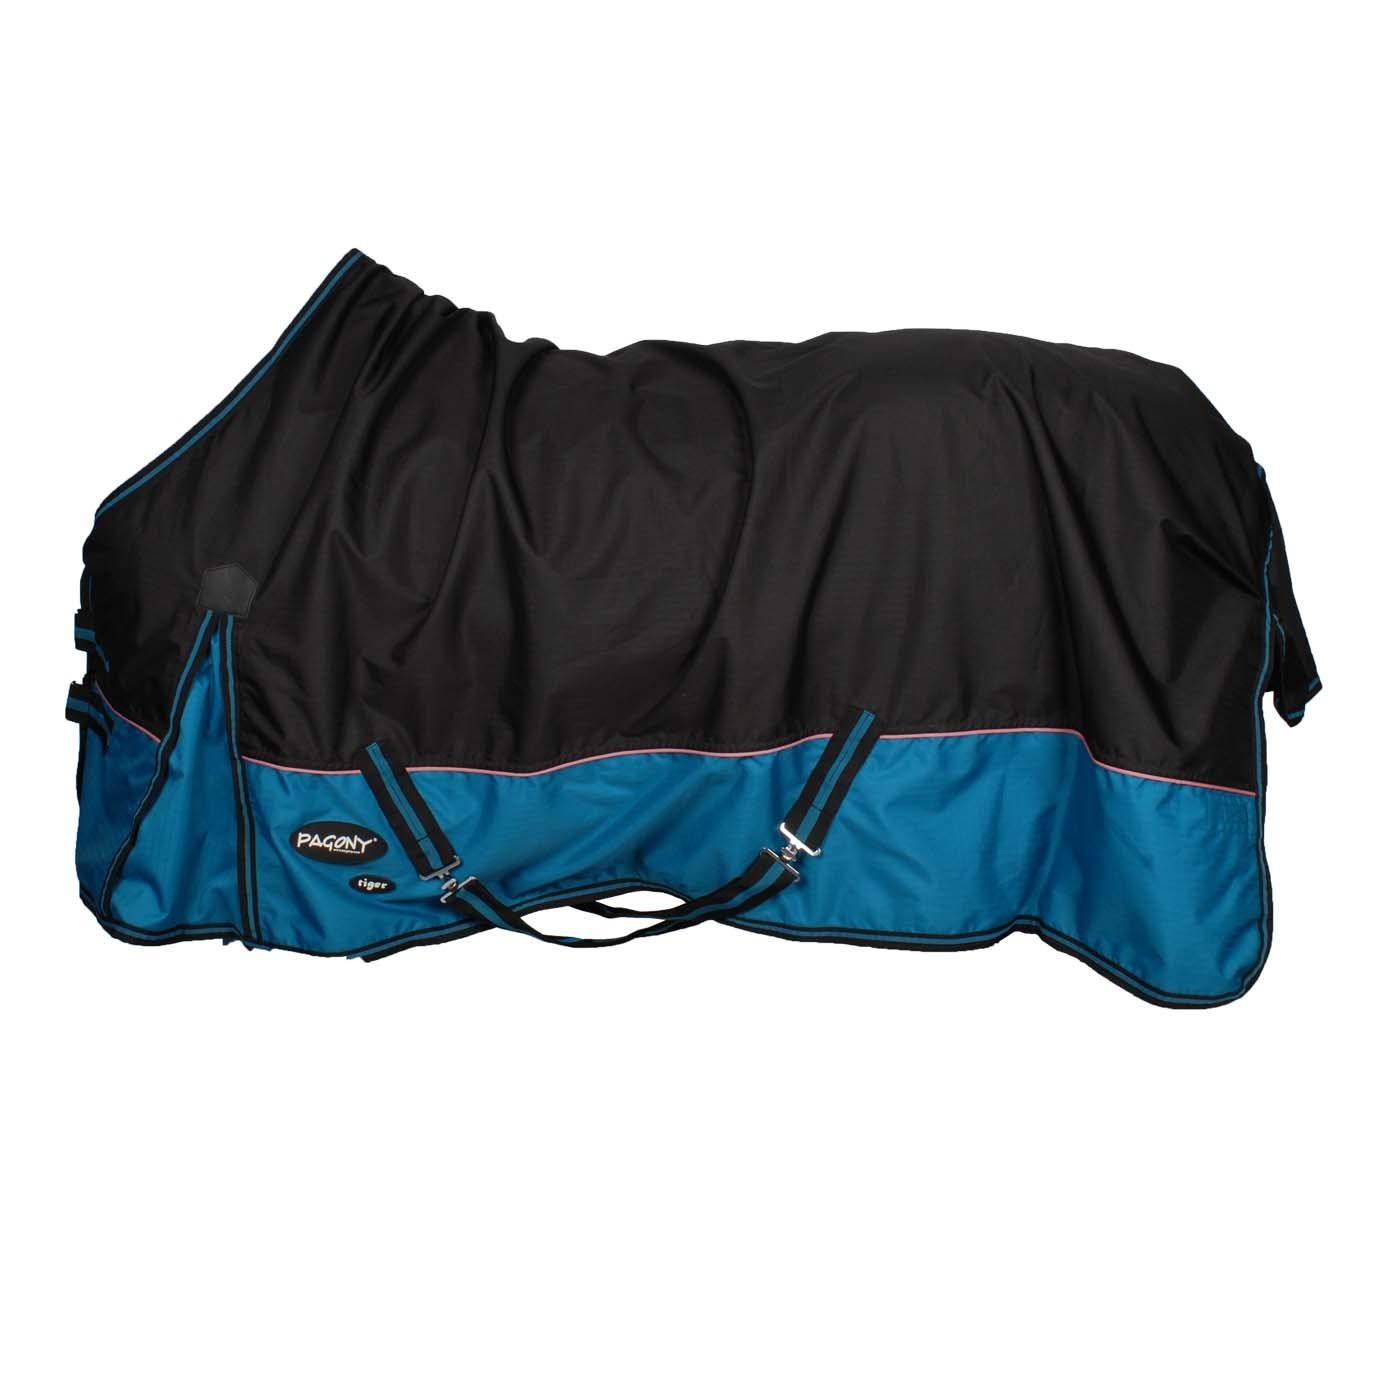 Pagony Tiger 0gr outdoor deken zwart maat:205